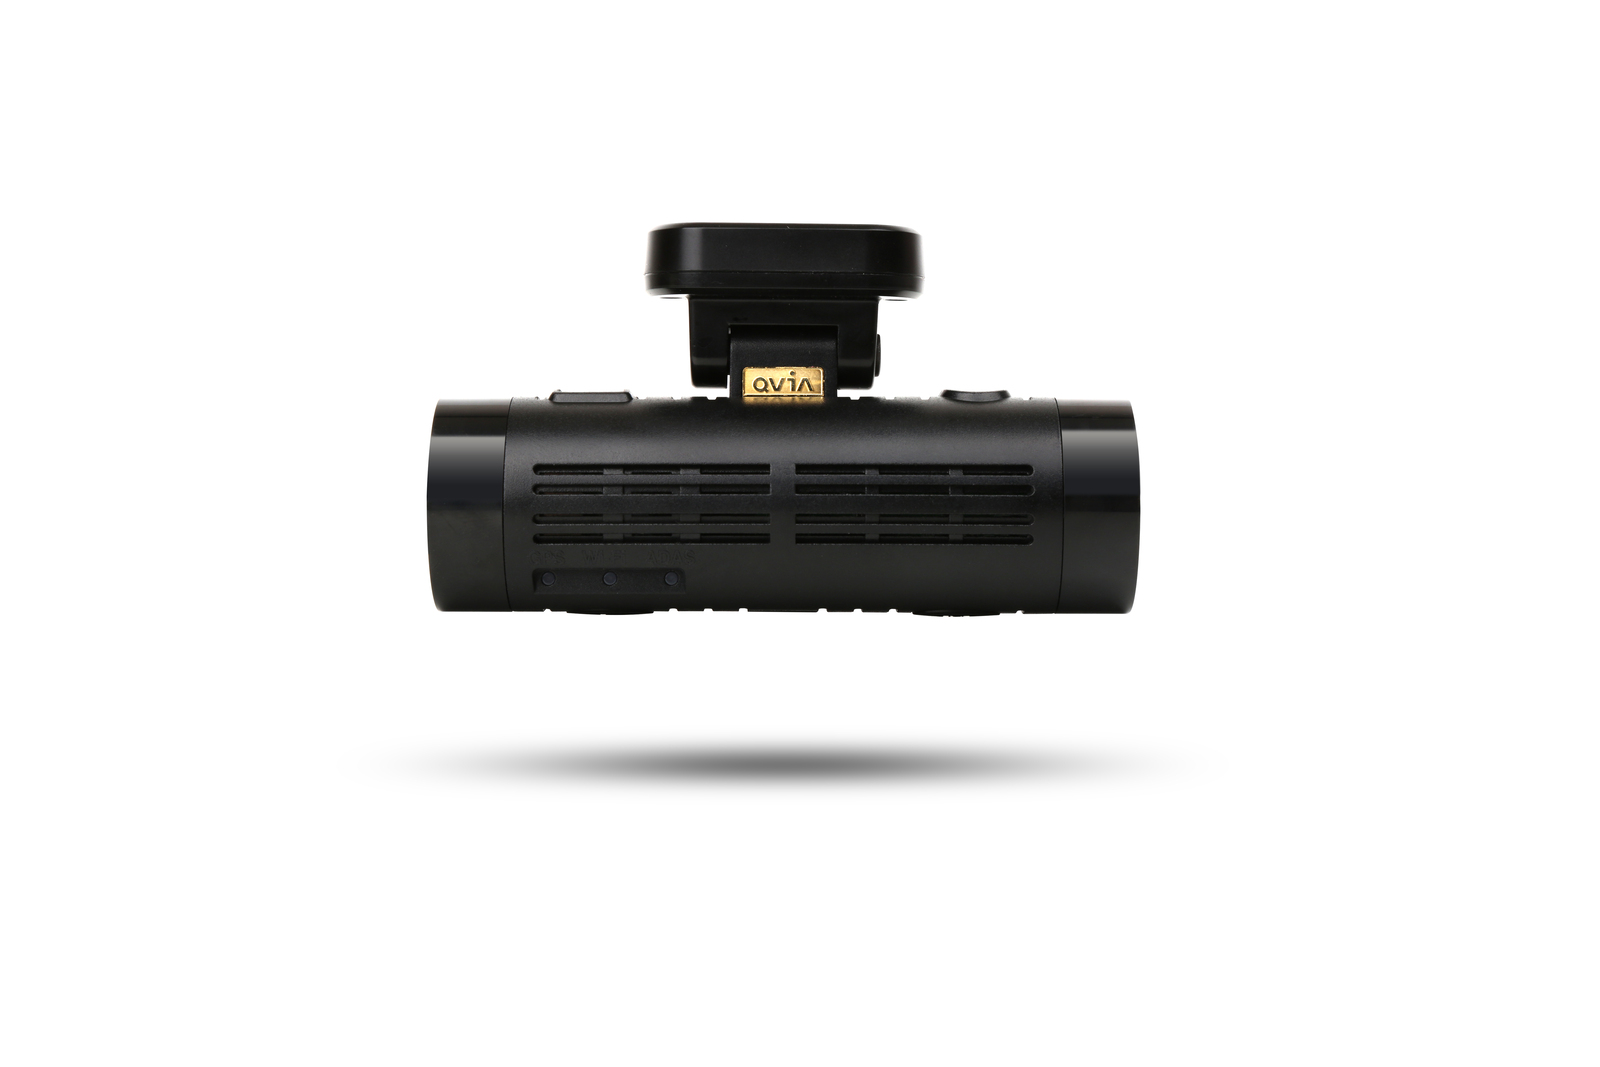 Mongoose QVIA AR790-2CH Dash Camera -